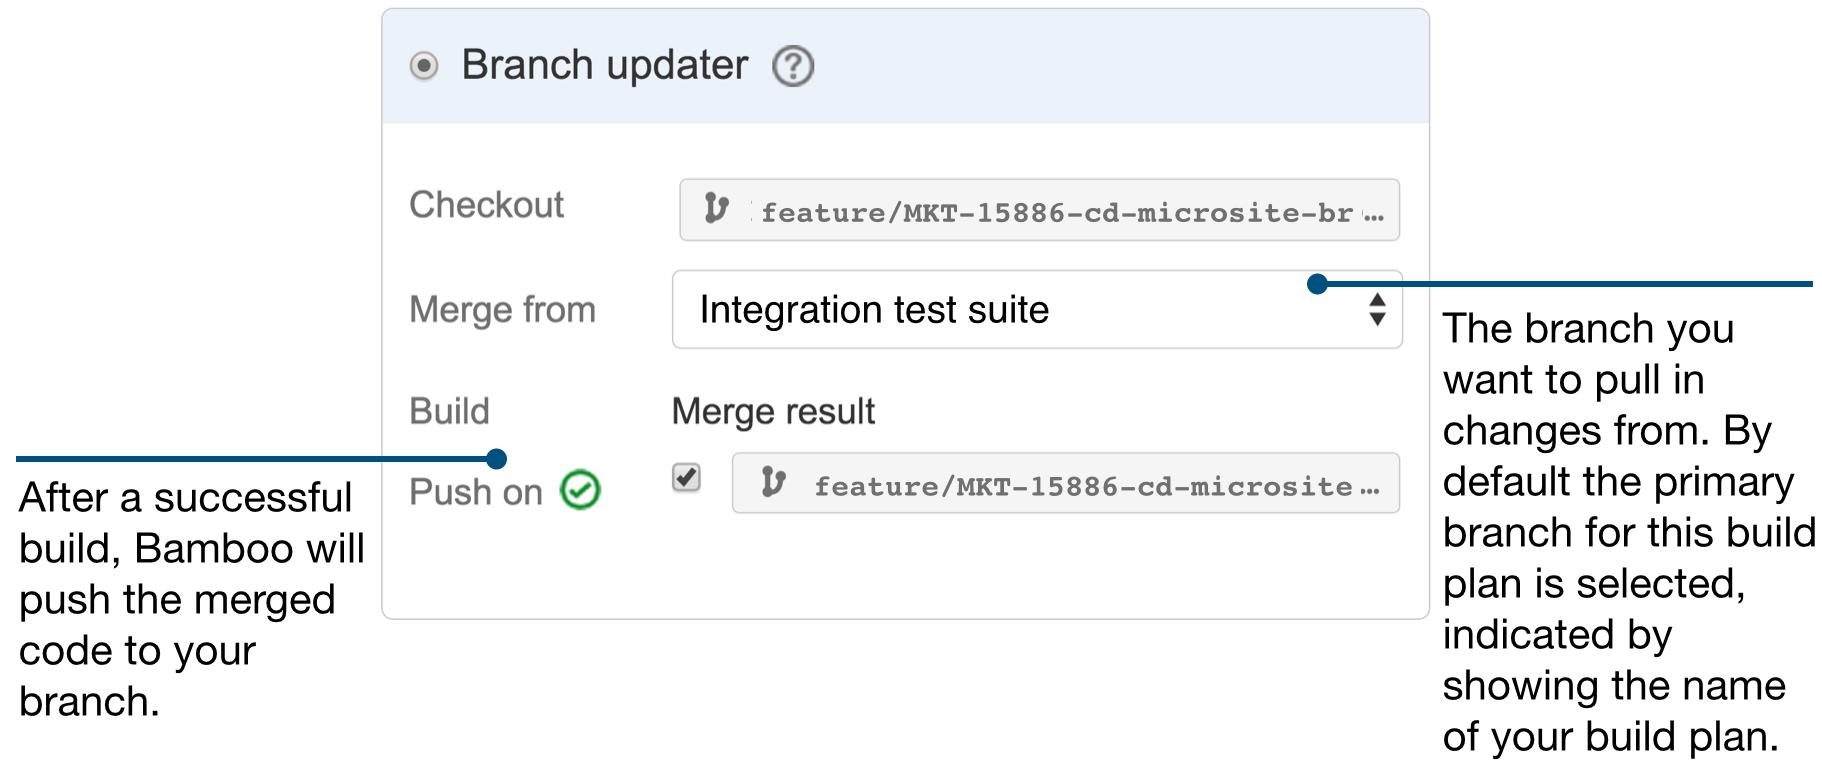 Branch updater screenshot